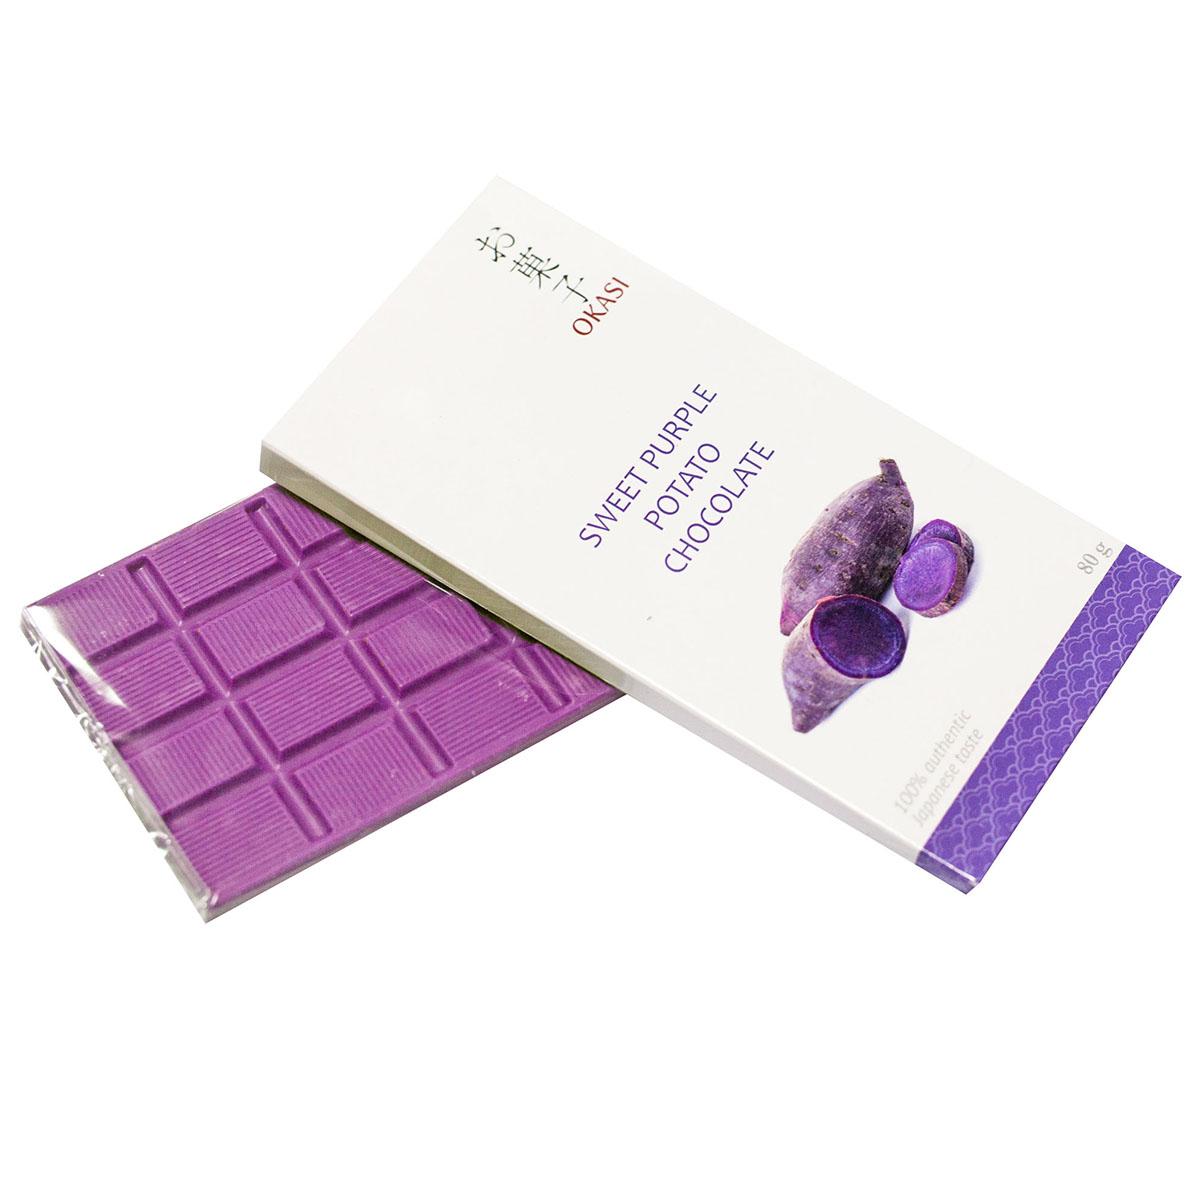 Шоколад Okasi с бататом фиолетовым, плитка, 80 г alpen gold шоколад белый с миндалем и кокосовой стружкой 90 г